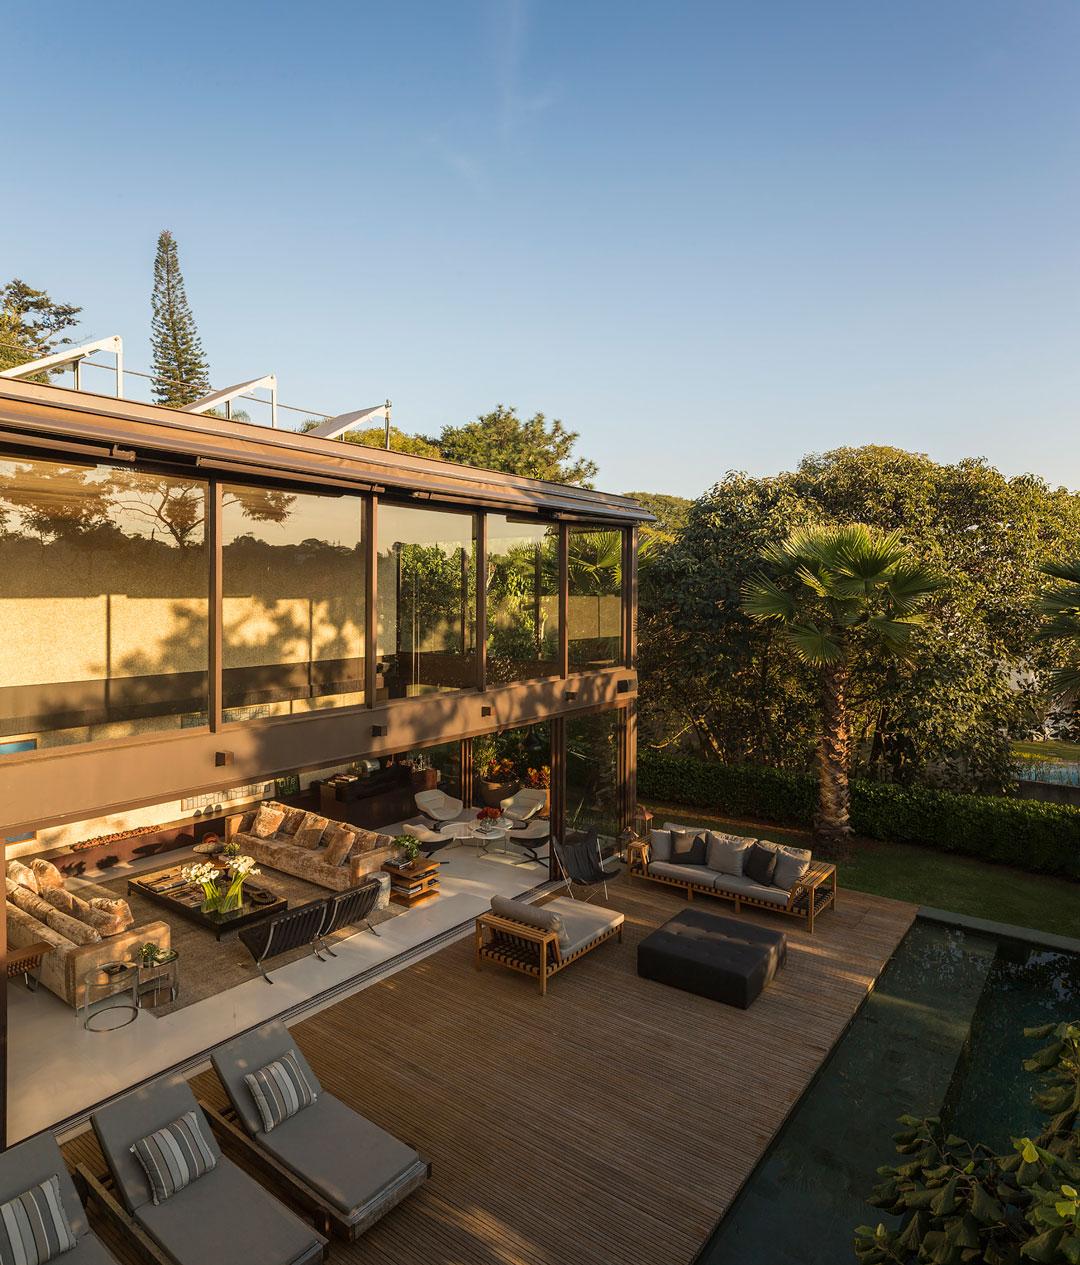 142-sao-paulo-brasil-casas-dos-sonhos-inspiracao-um-cafe-pra-dois